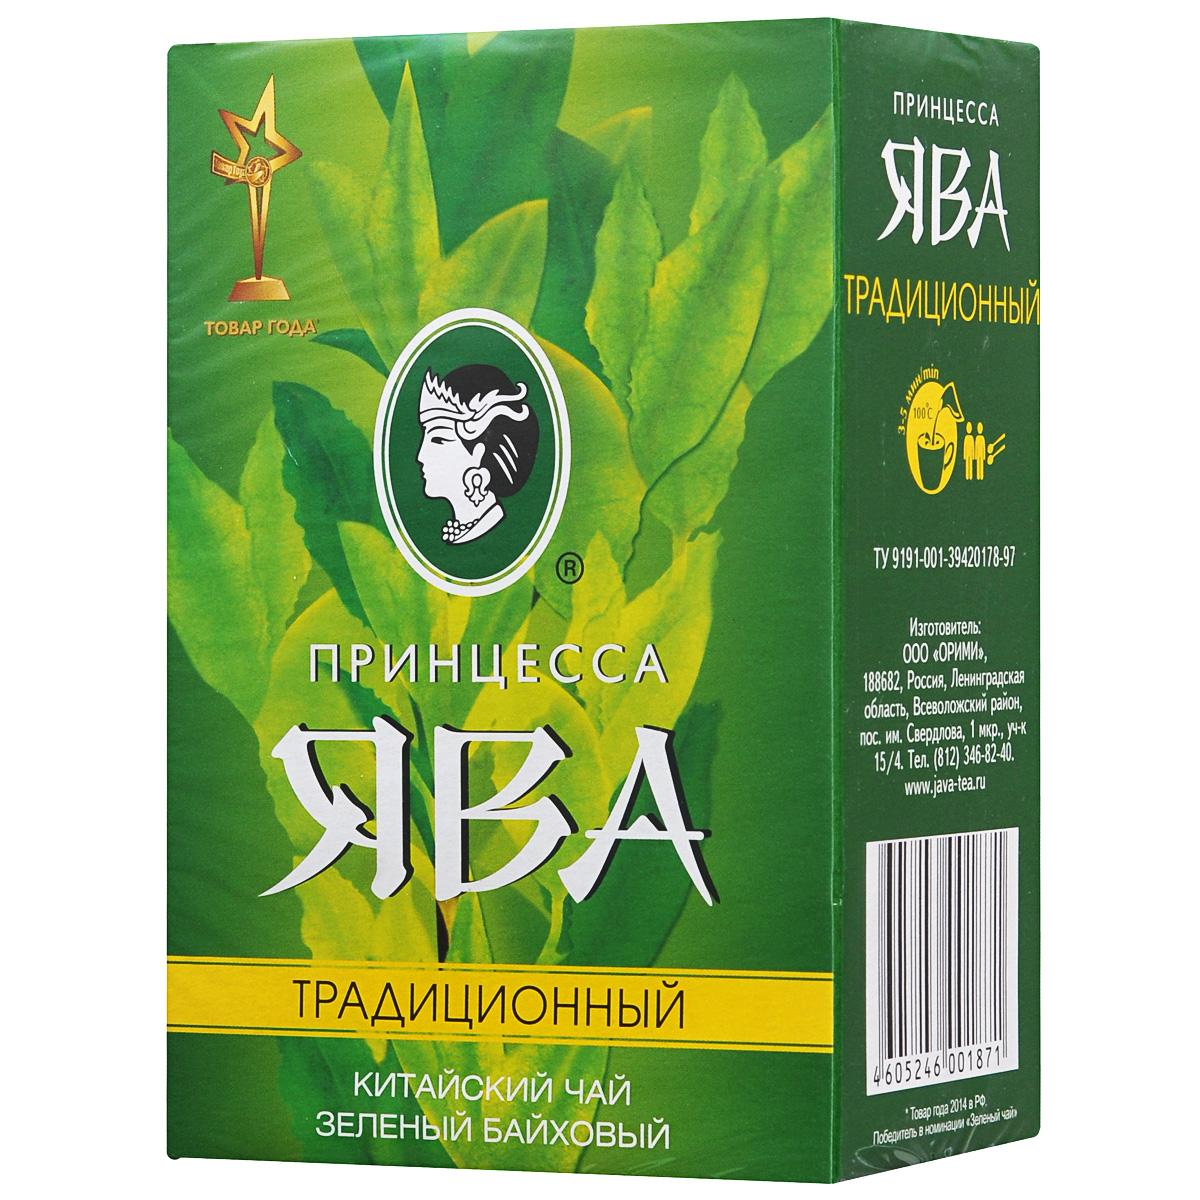 Принцесса Ява Традиционный зеленый чай листовой, 200 г0187-20Китайский крупнолистовой зеленый чай Принцесса Ява Традиционный отличается темно-зеленым цветом и обладает индивидуальным терпким вкусом с легкой горчинкой. После употребления чая остается долгое послевкусие. Кроме того, это один из немногих зеленых чаев, который рекомендуют пить холодным с сахаром и лимоном.